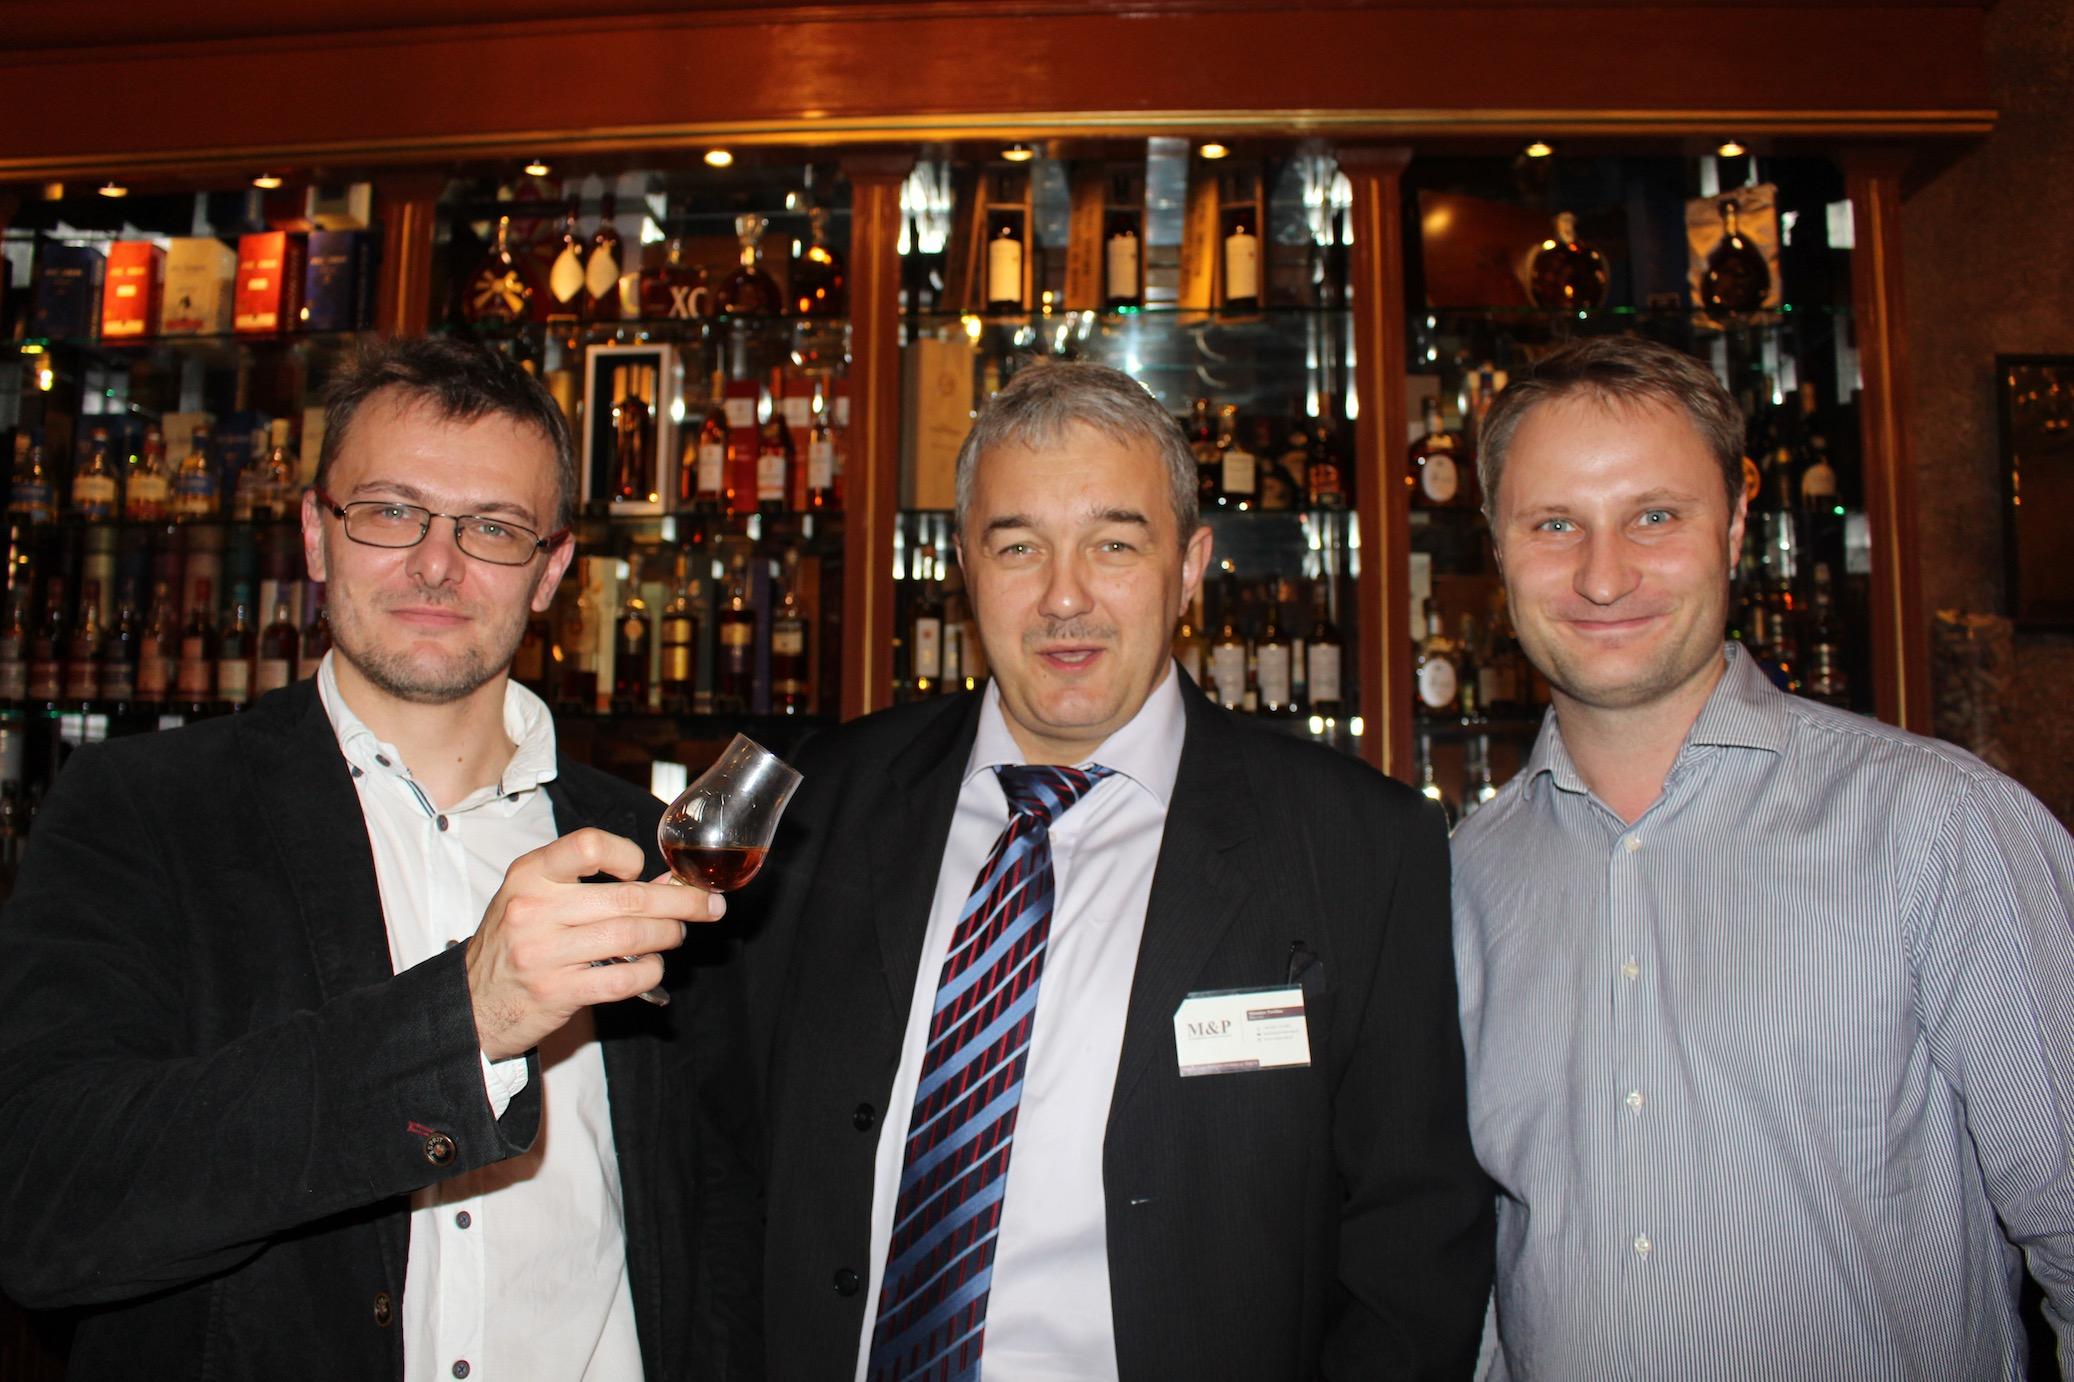 Mirosław Pawlina, szef firmy Alkohole i Wina Świata M&P